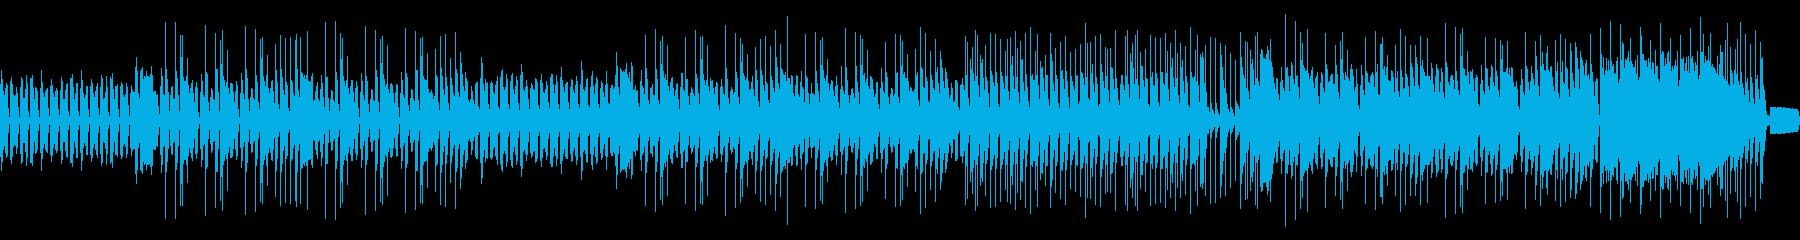 【ドラム抜/ループ】コミカルなハロウィンの再生済みの波形